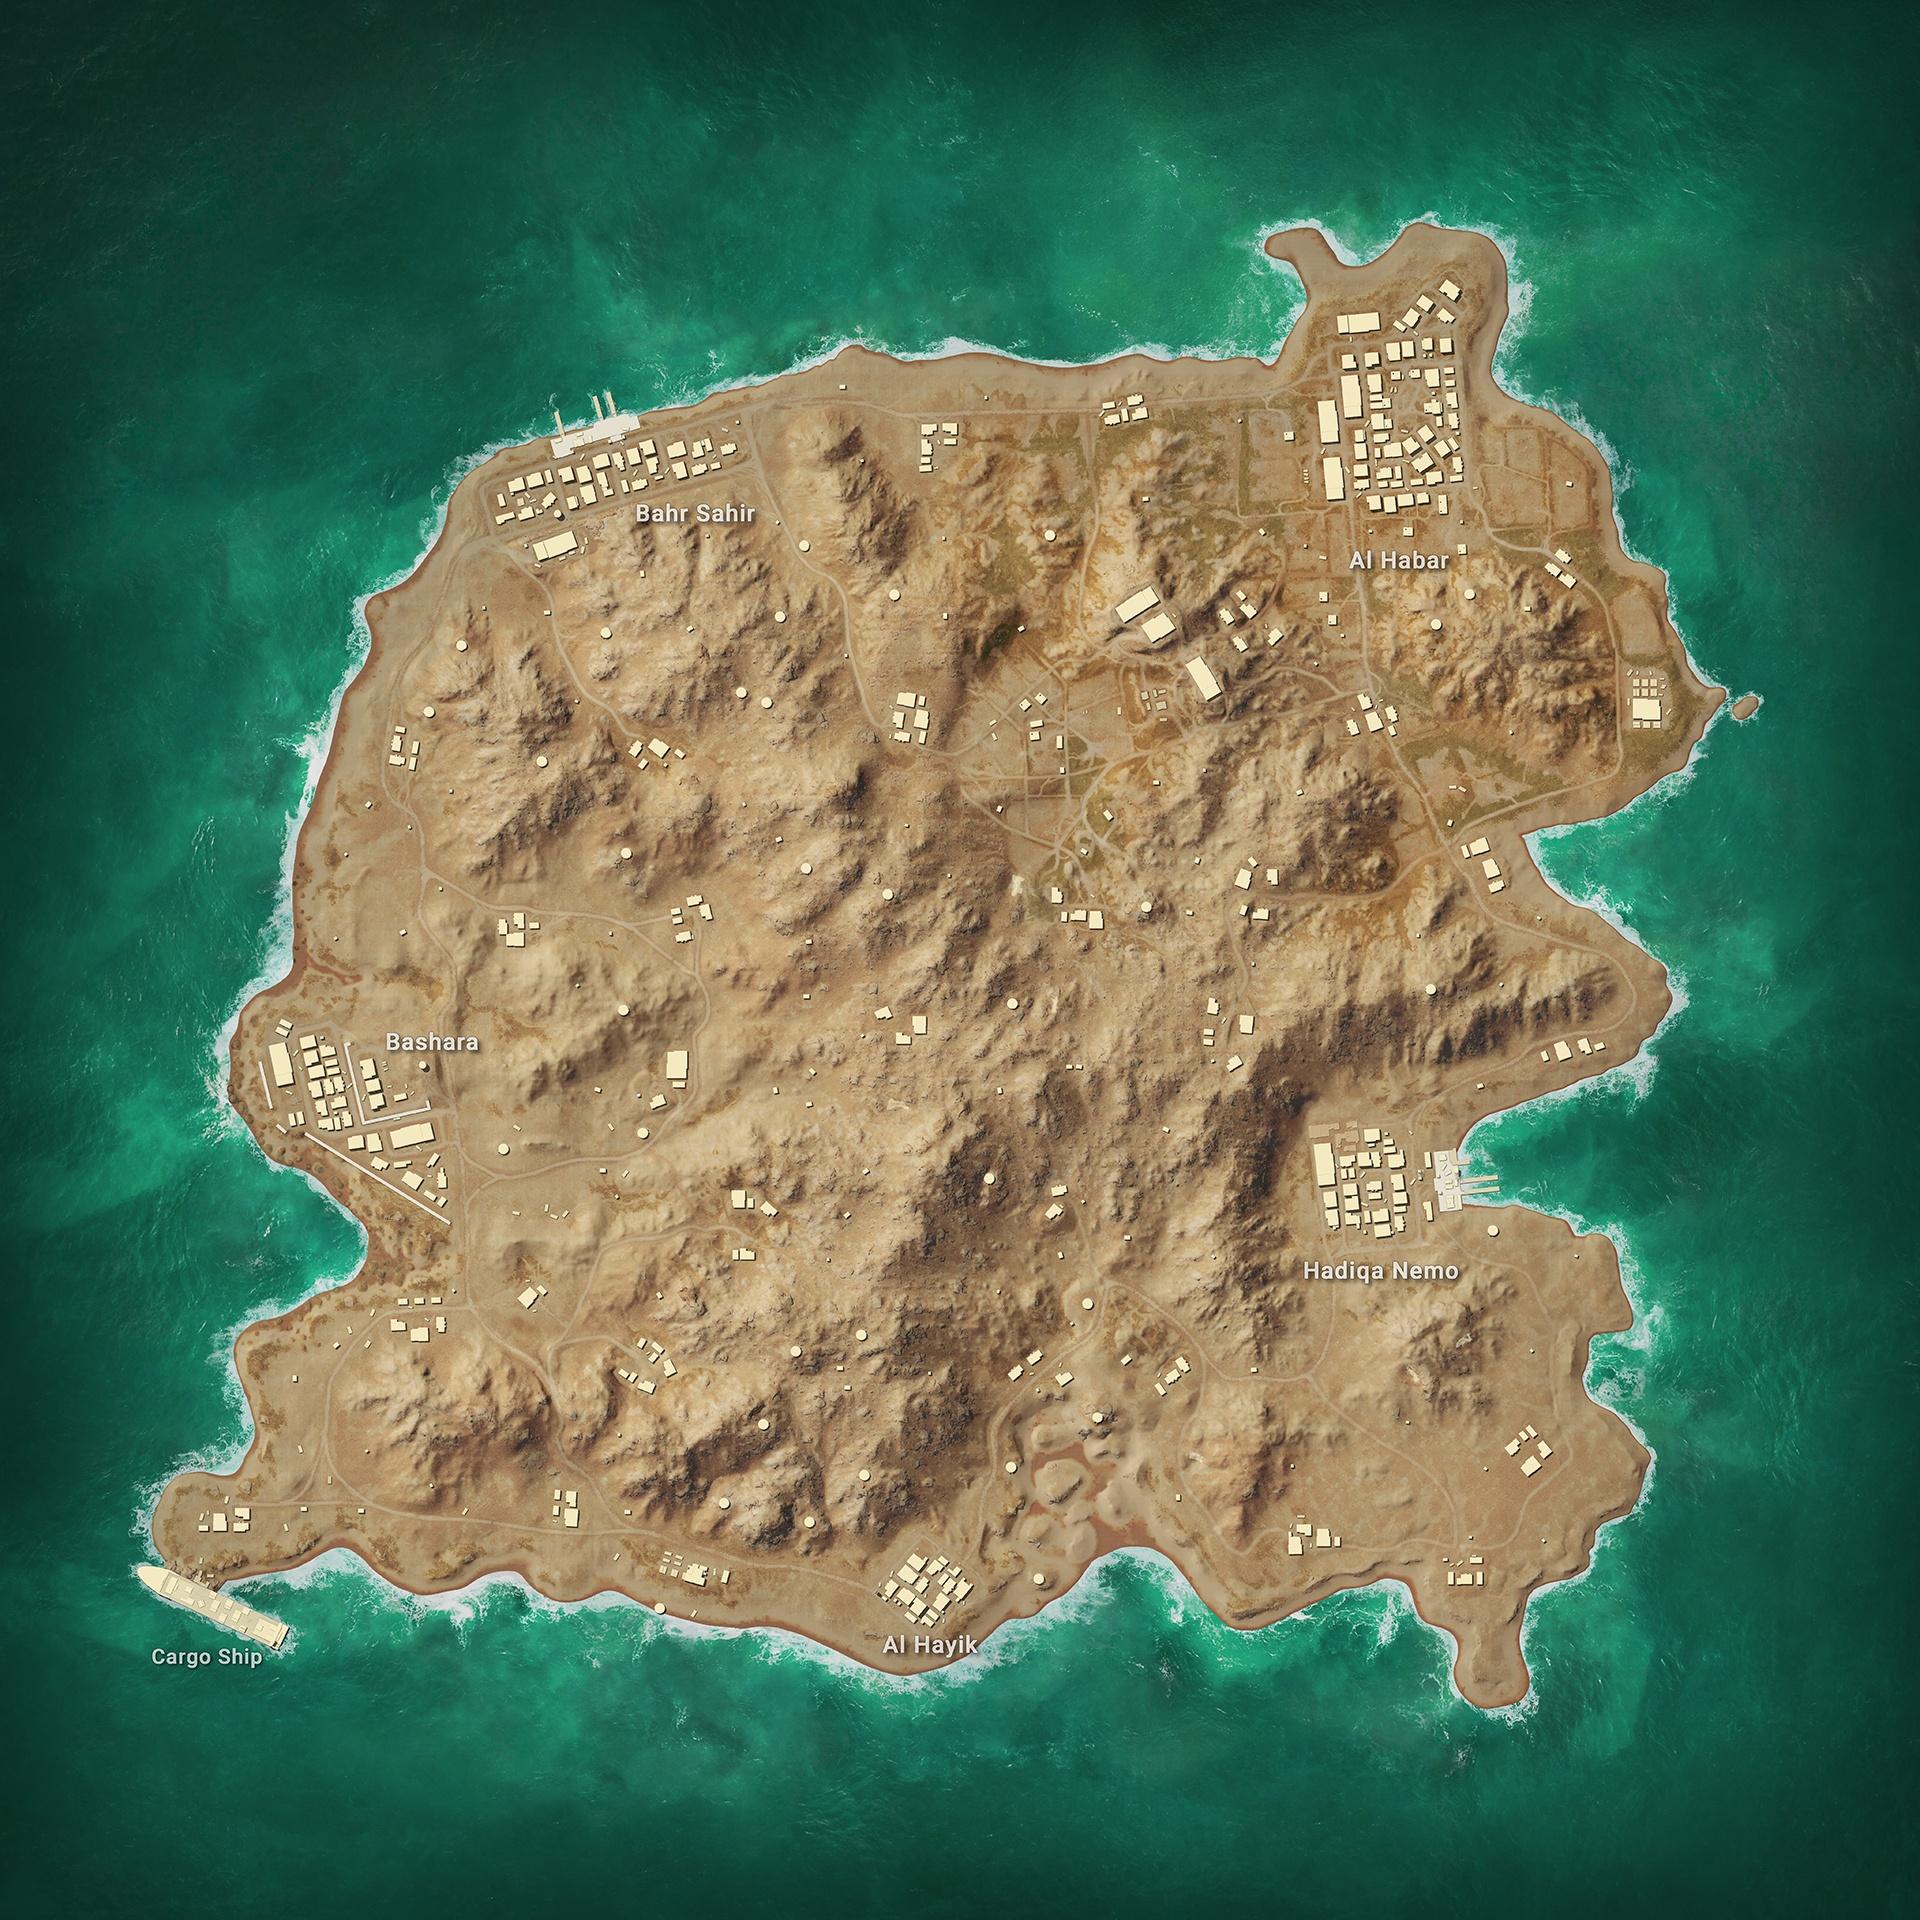 7 апреля в PUBG Mobile появится новая карта «Каракин»